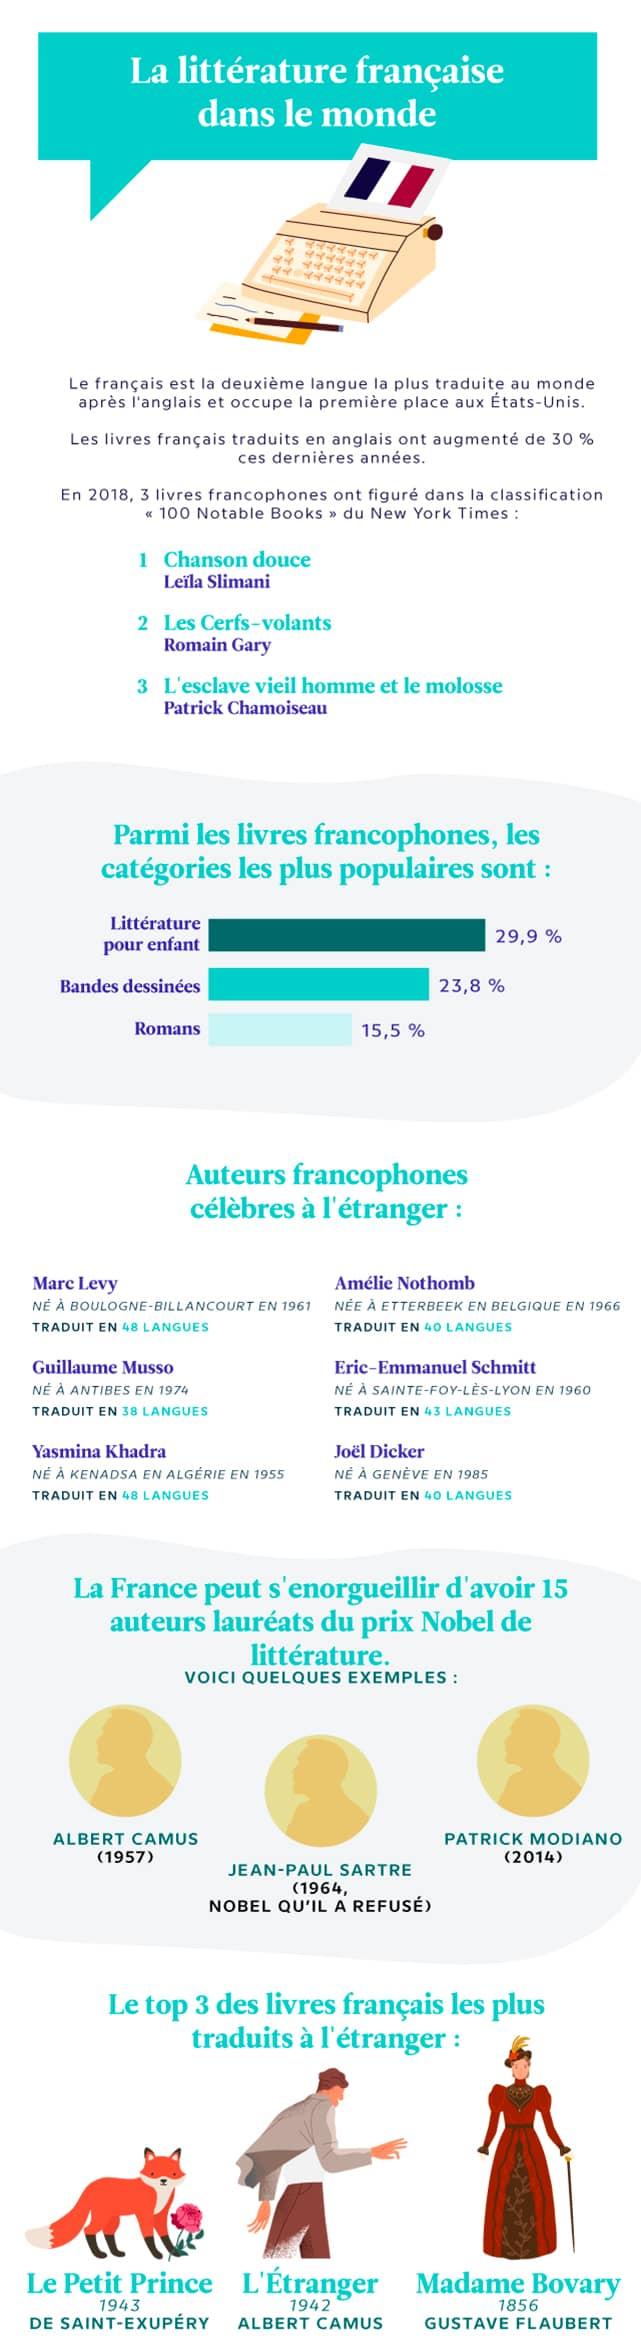 La littérature française dans le monde